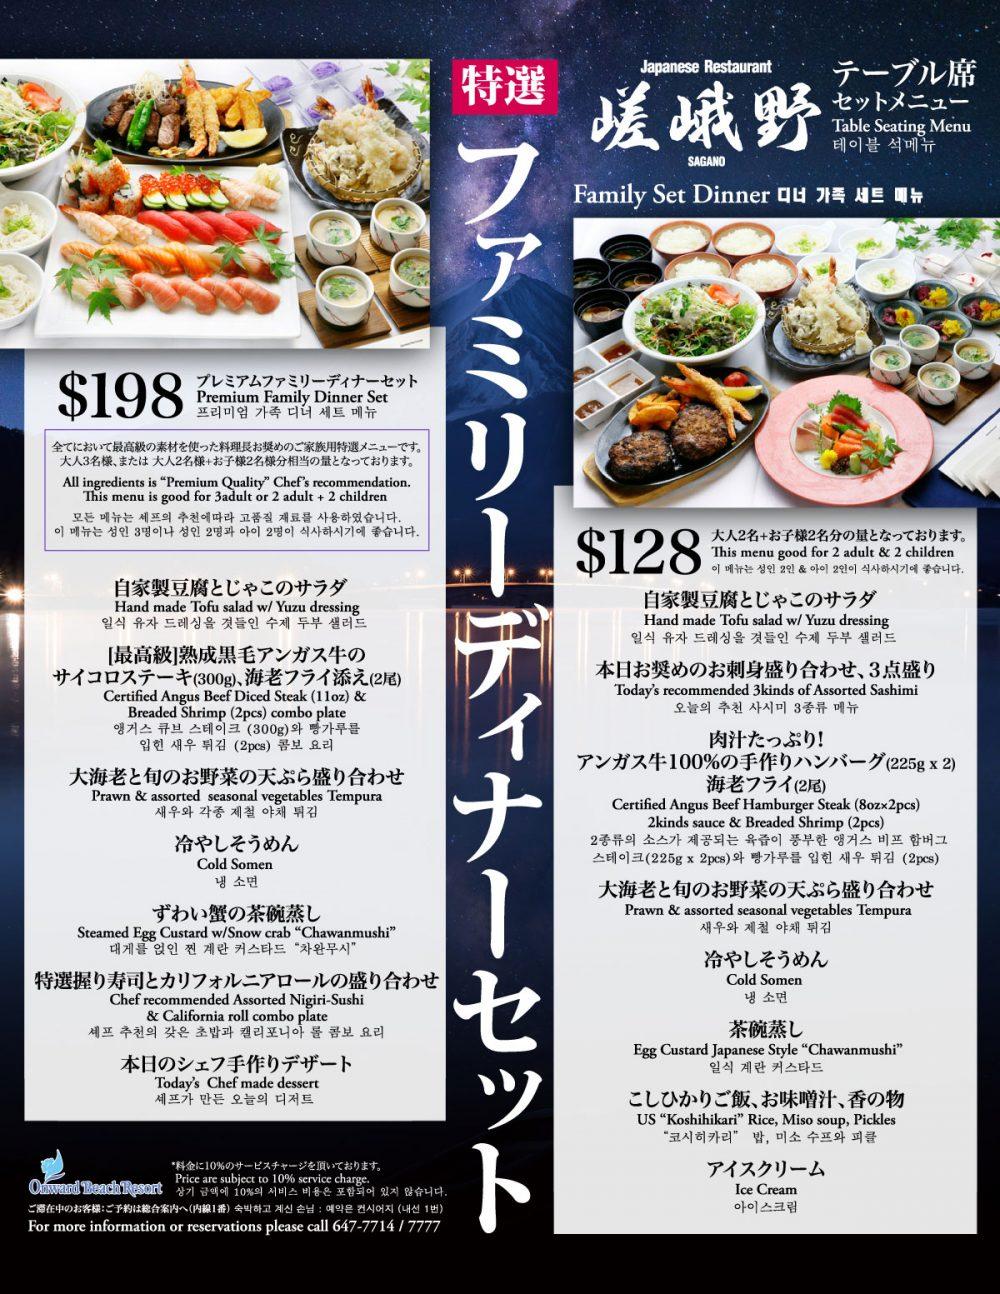 特選ファミリーディナーセット $198.00(大人2名+子供2名分) 嵯峨野 オンワードビーチリゾート